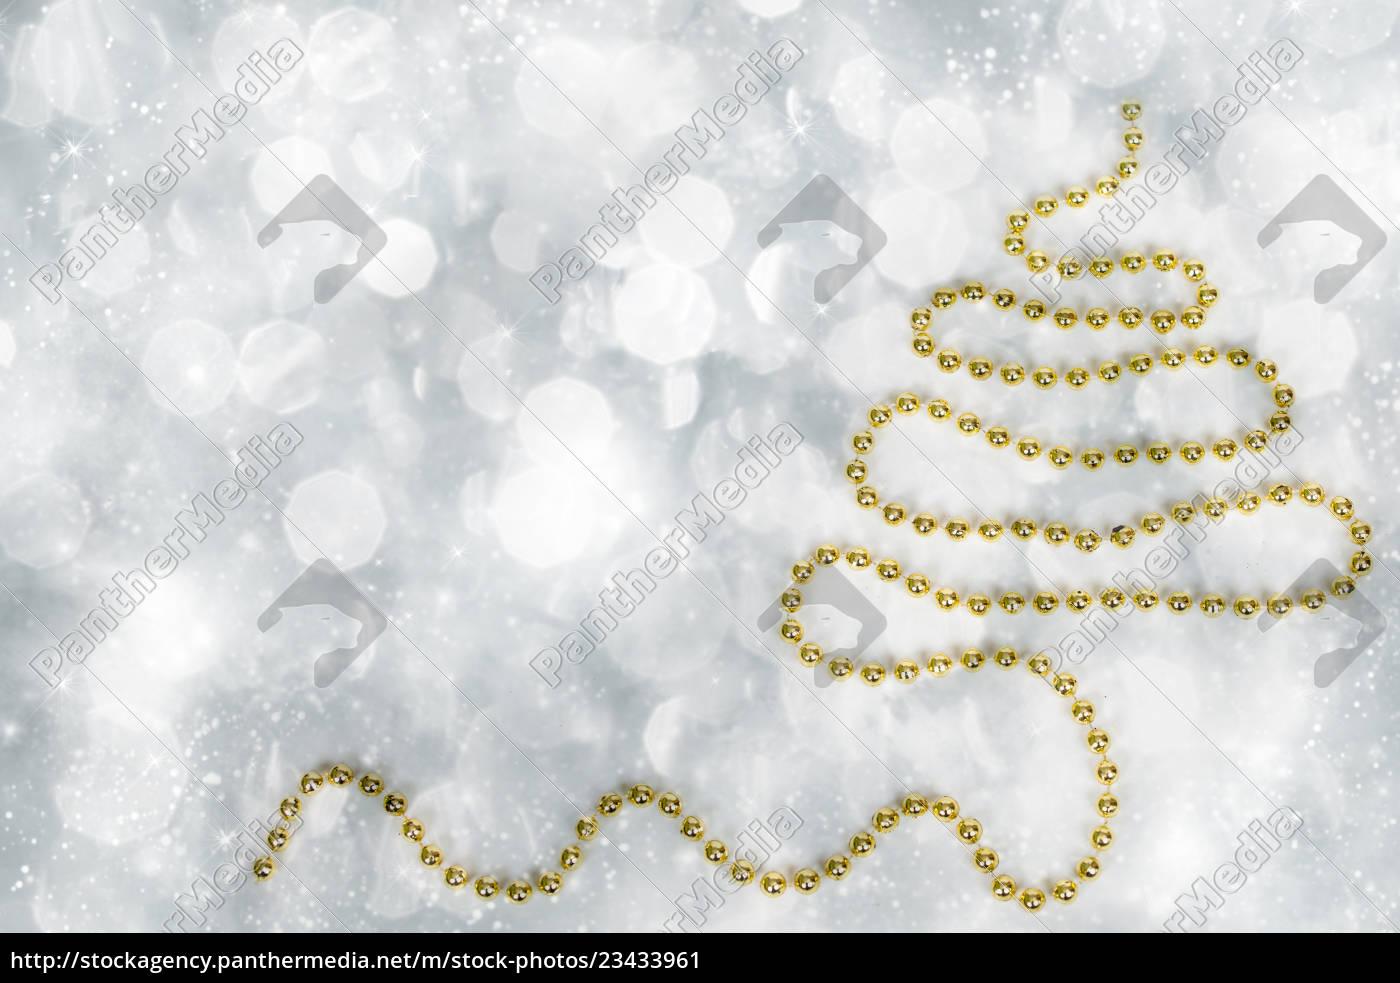 Hintergrund Weihnachten.Lizenzfreies Bild 23433961 Weihnachten Konzept Hintergrund